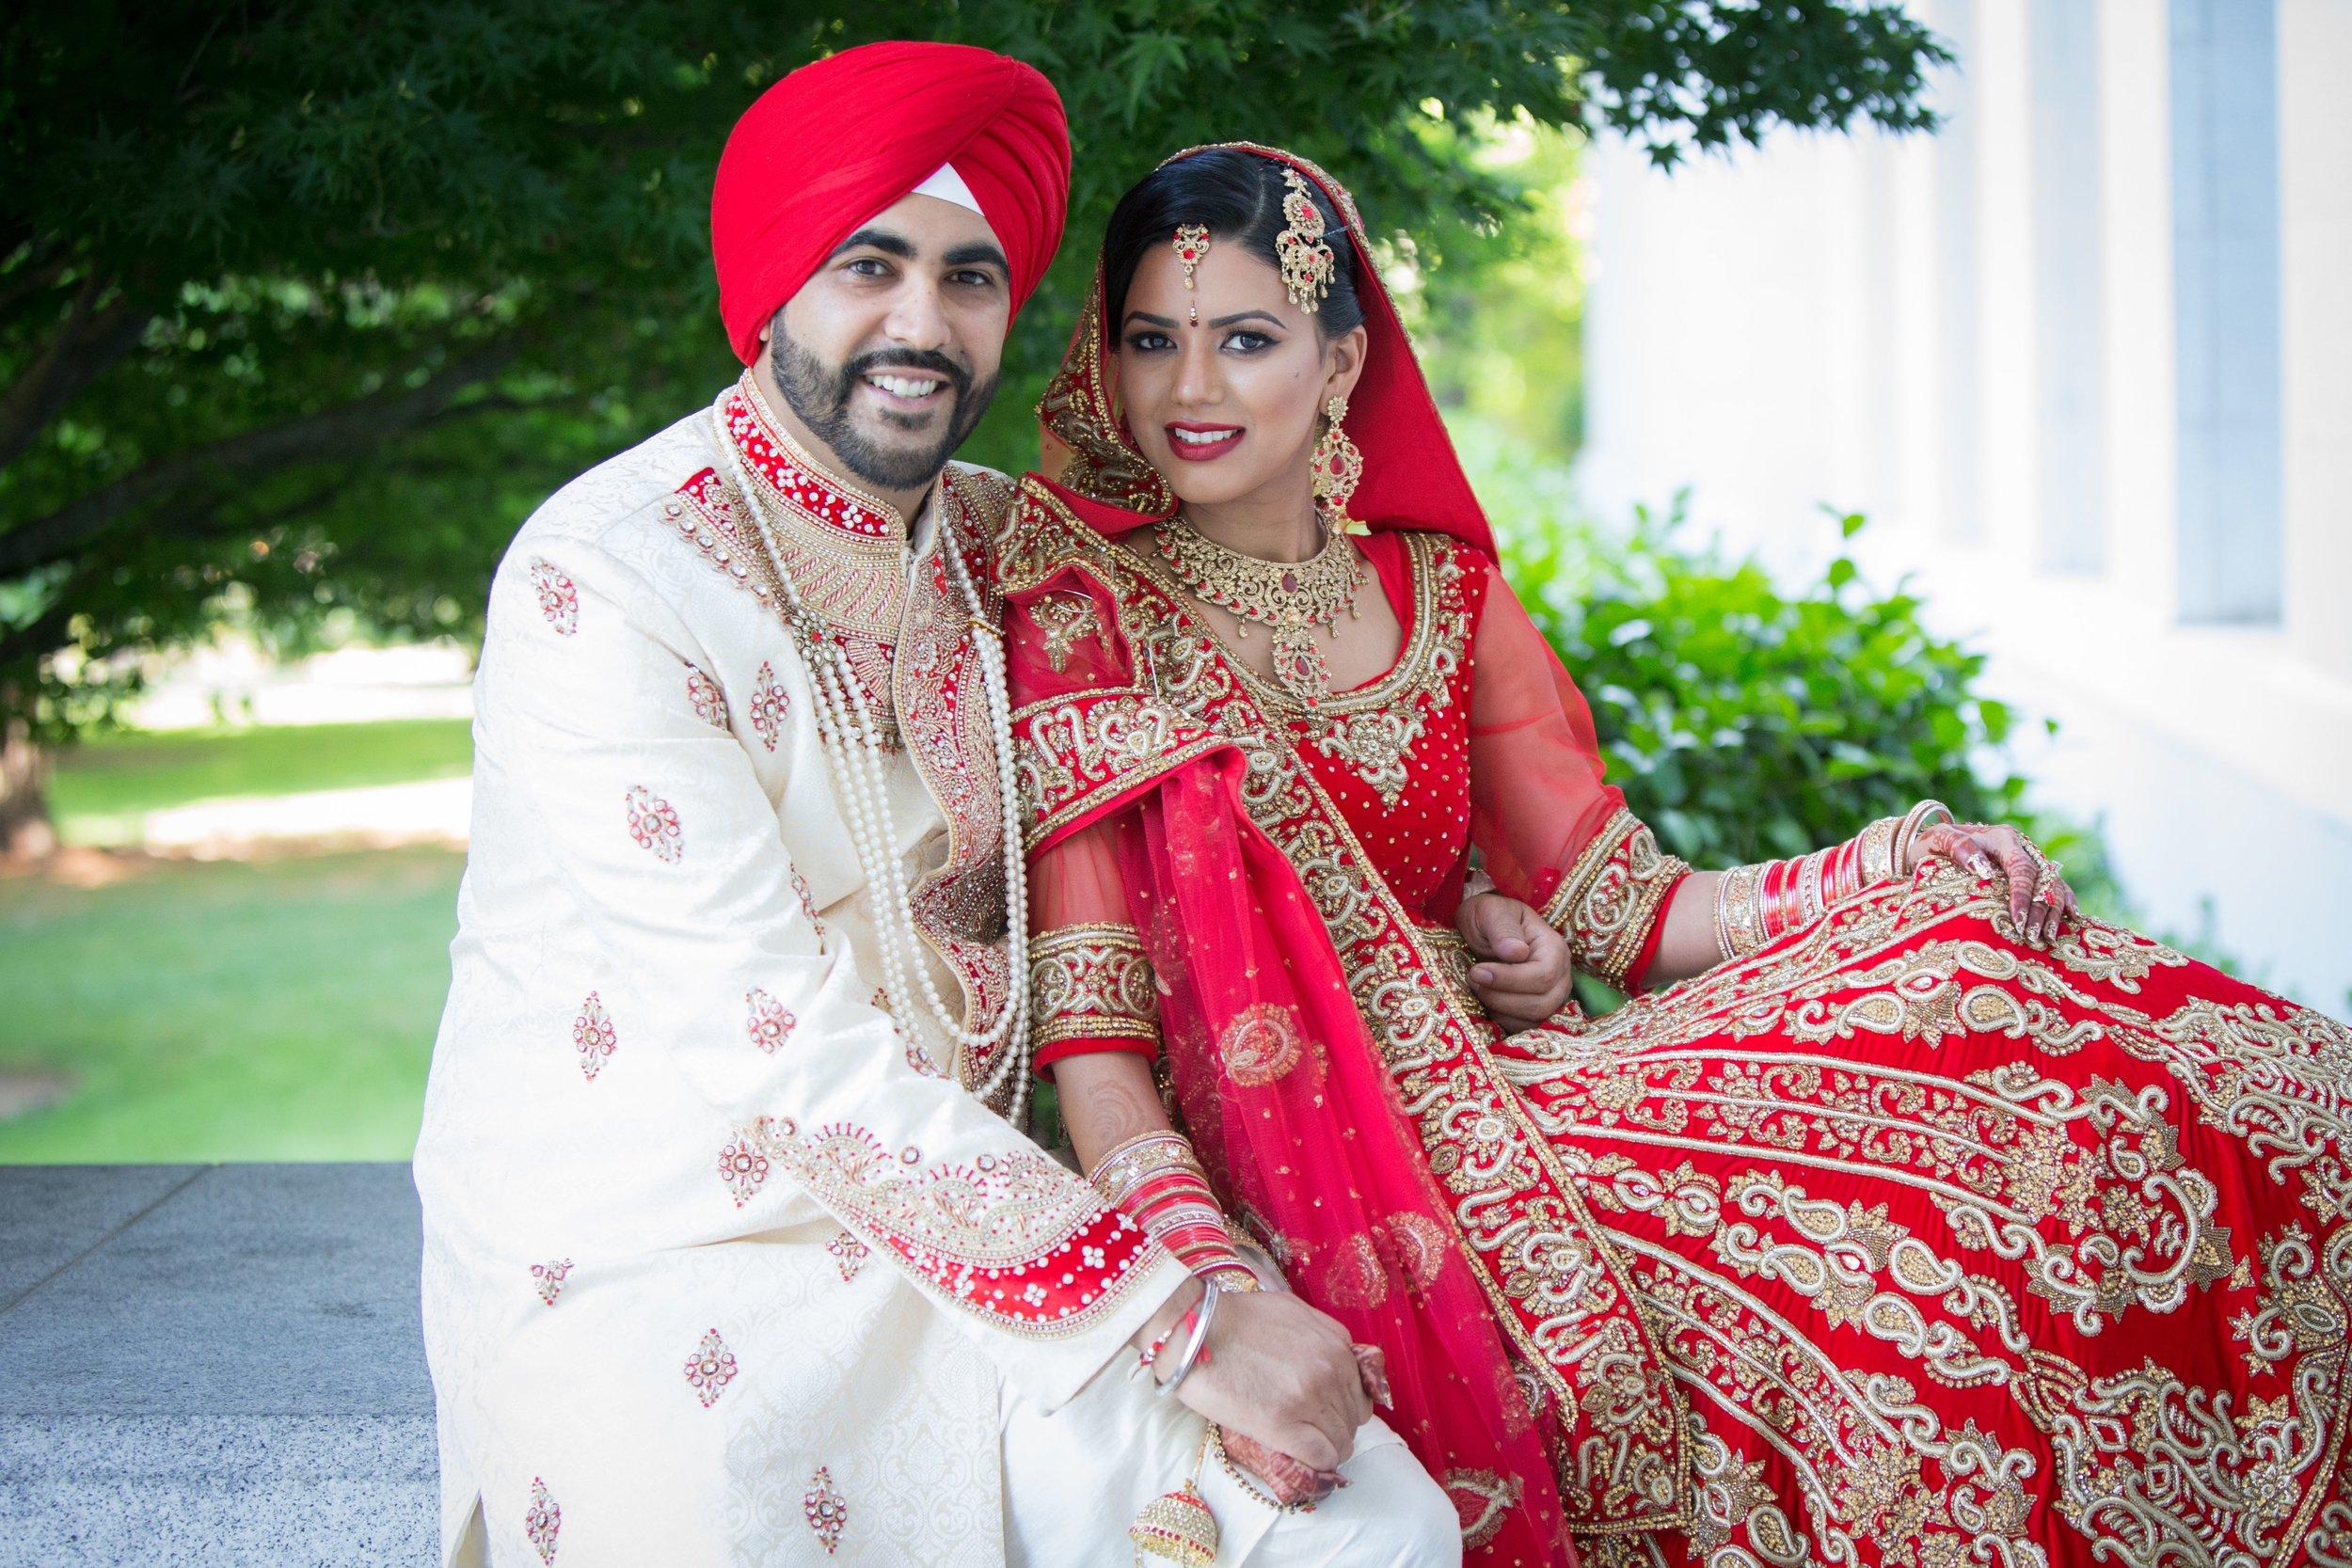 online527 Jatinder & Khushbir Wedding Day -  Wedding51.jpg